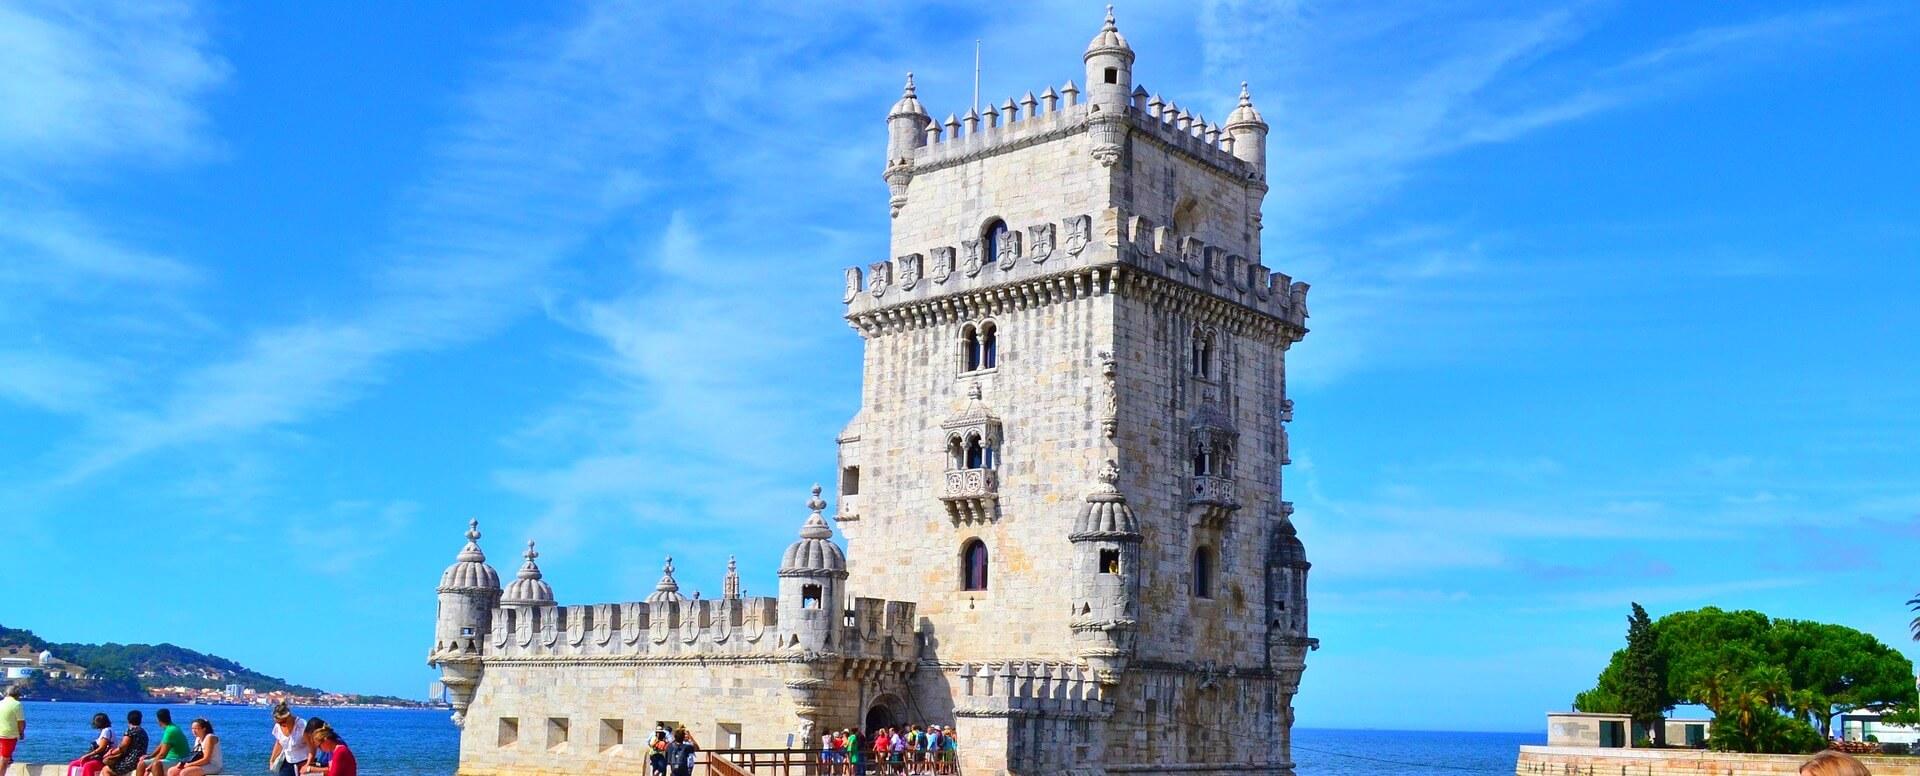 4. Torre de Belém - Lisbon